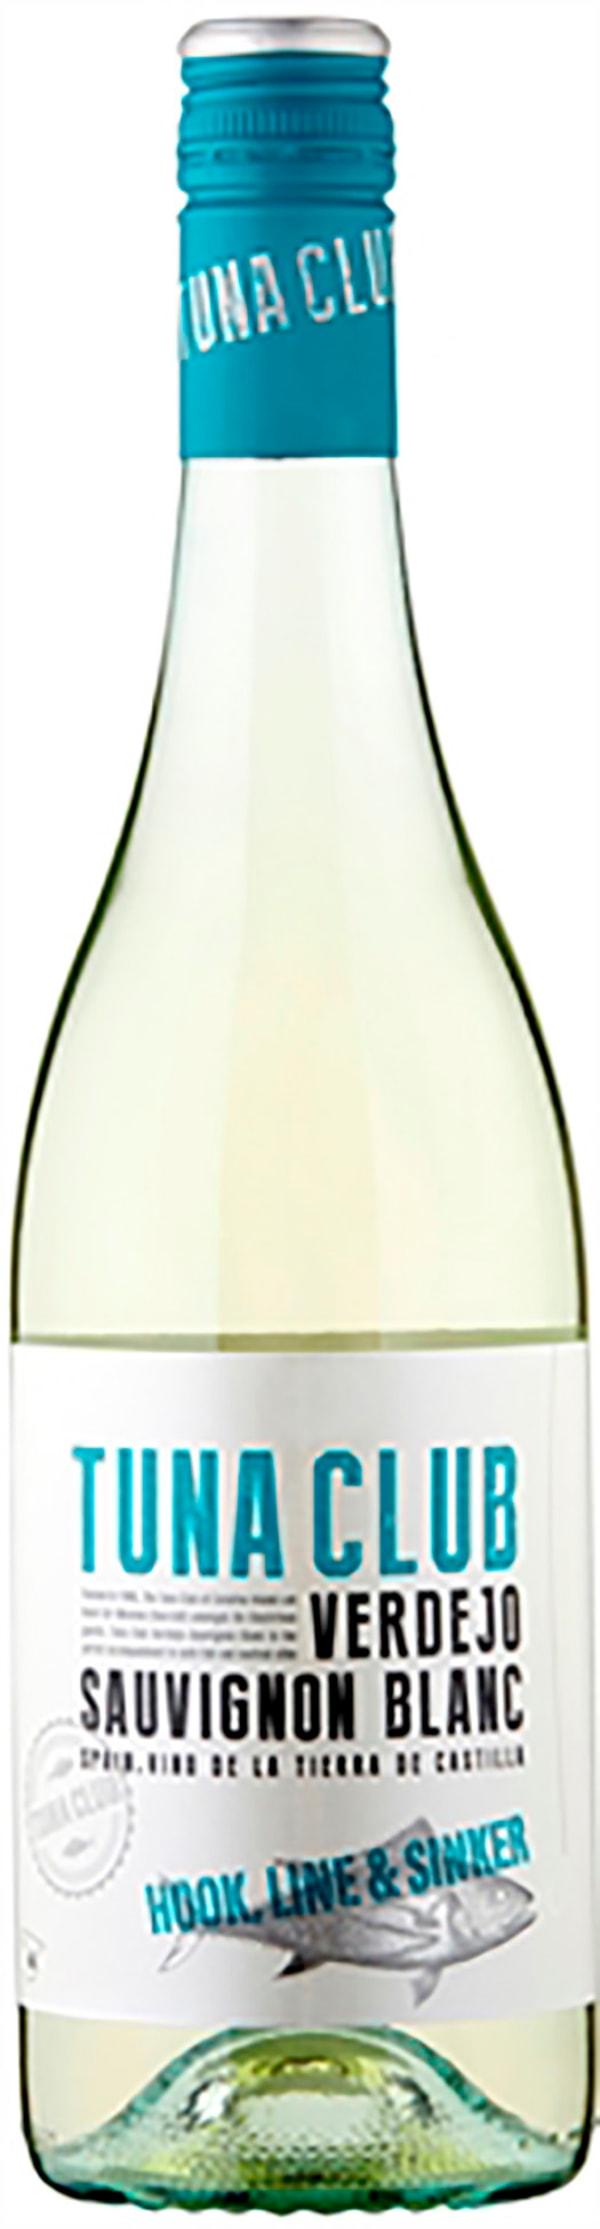 Tuna Club Verdejo Sauvignon Blanc 2018